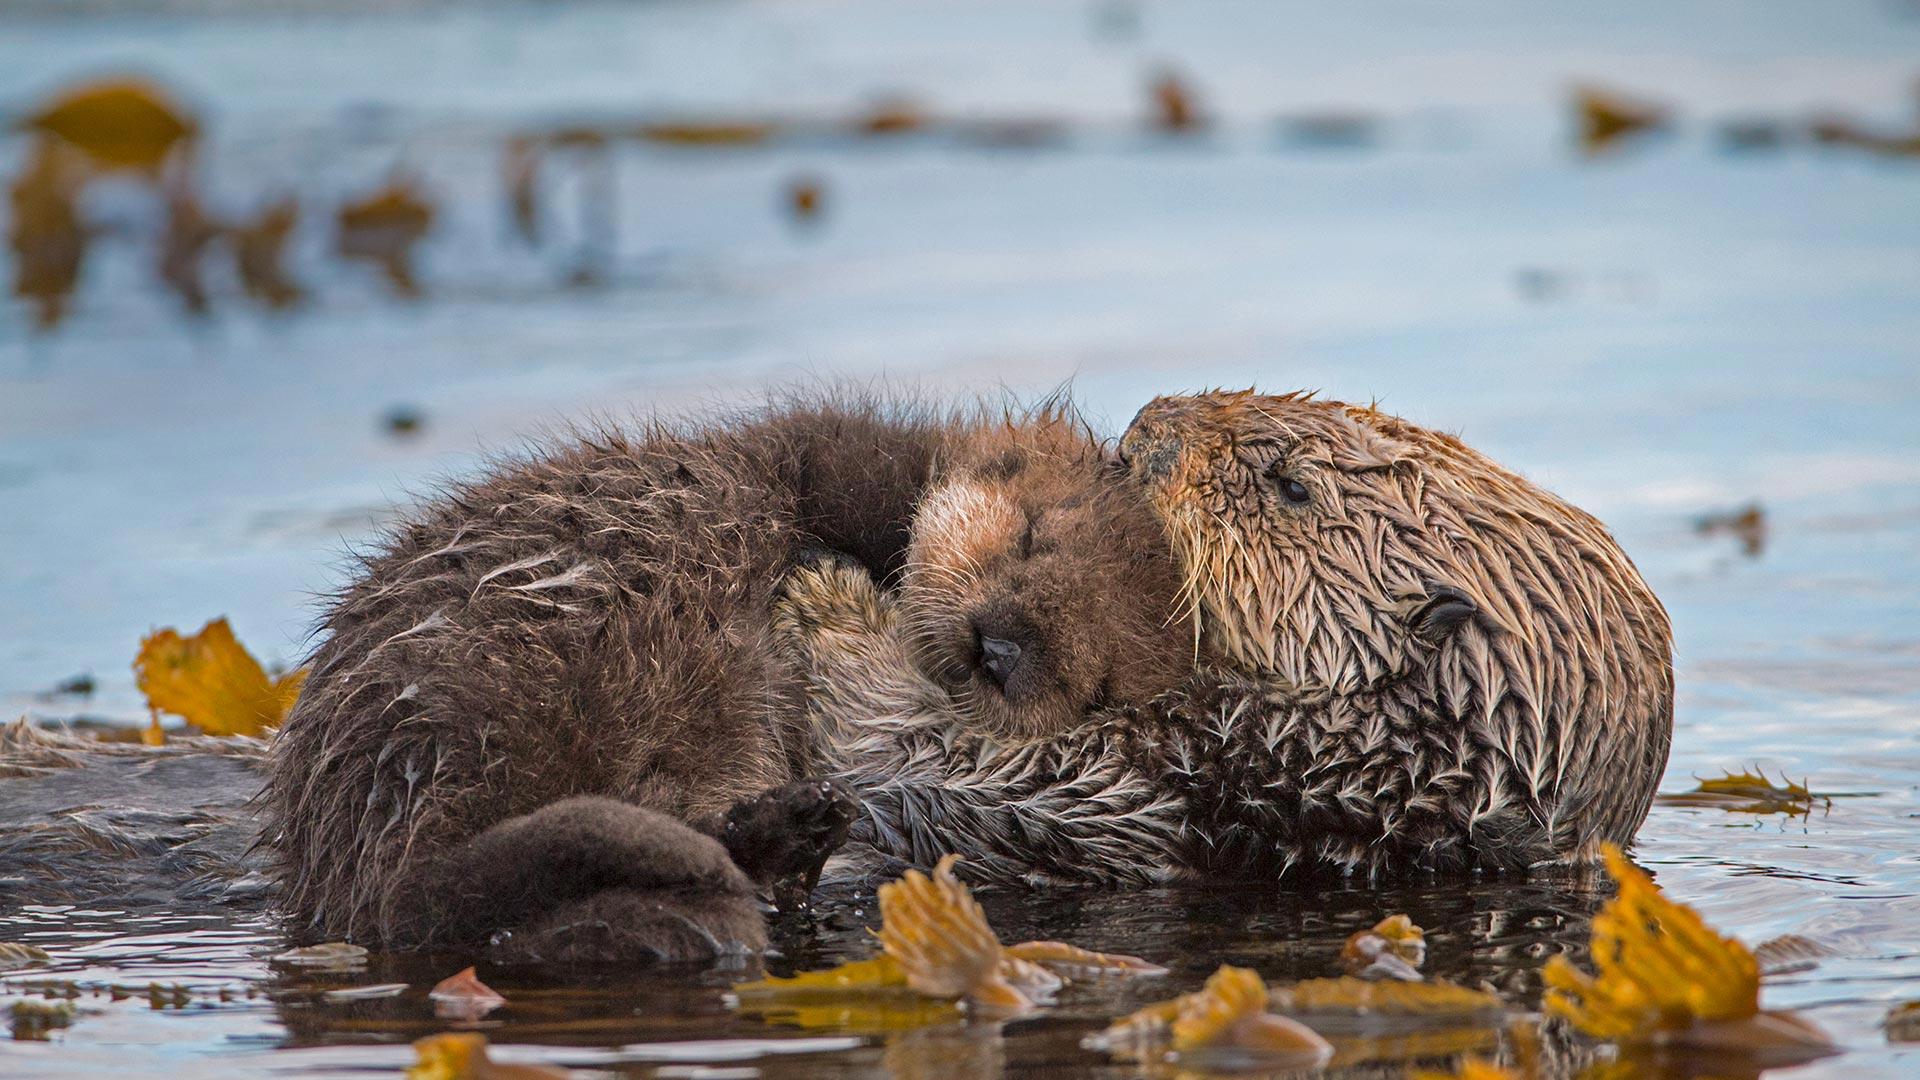 「親子ラッコ」米国カリフォルニア州, モントレー湾 (© Suzi Eszterhas/Minden Pictures)